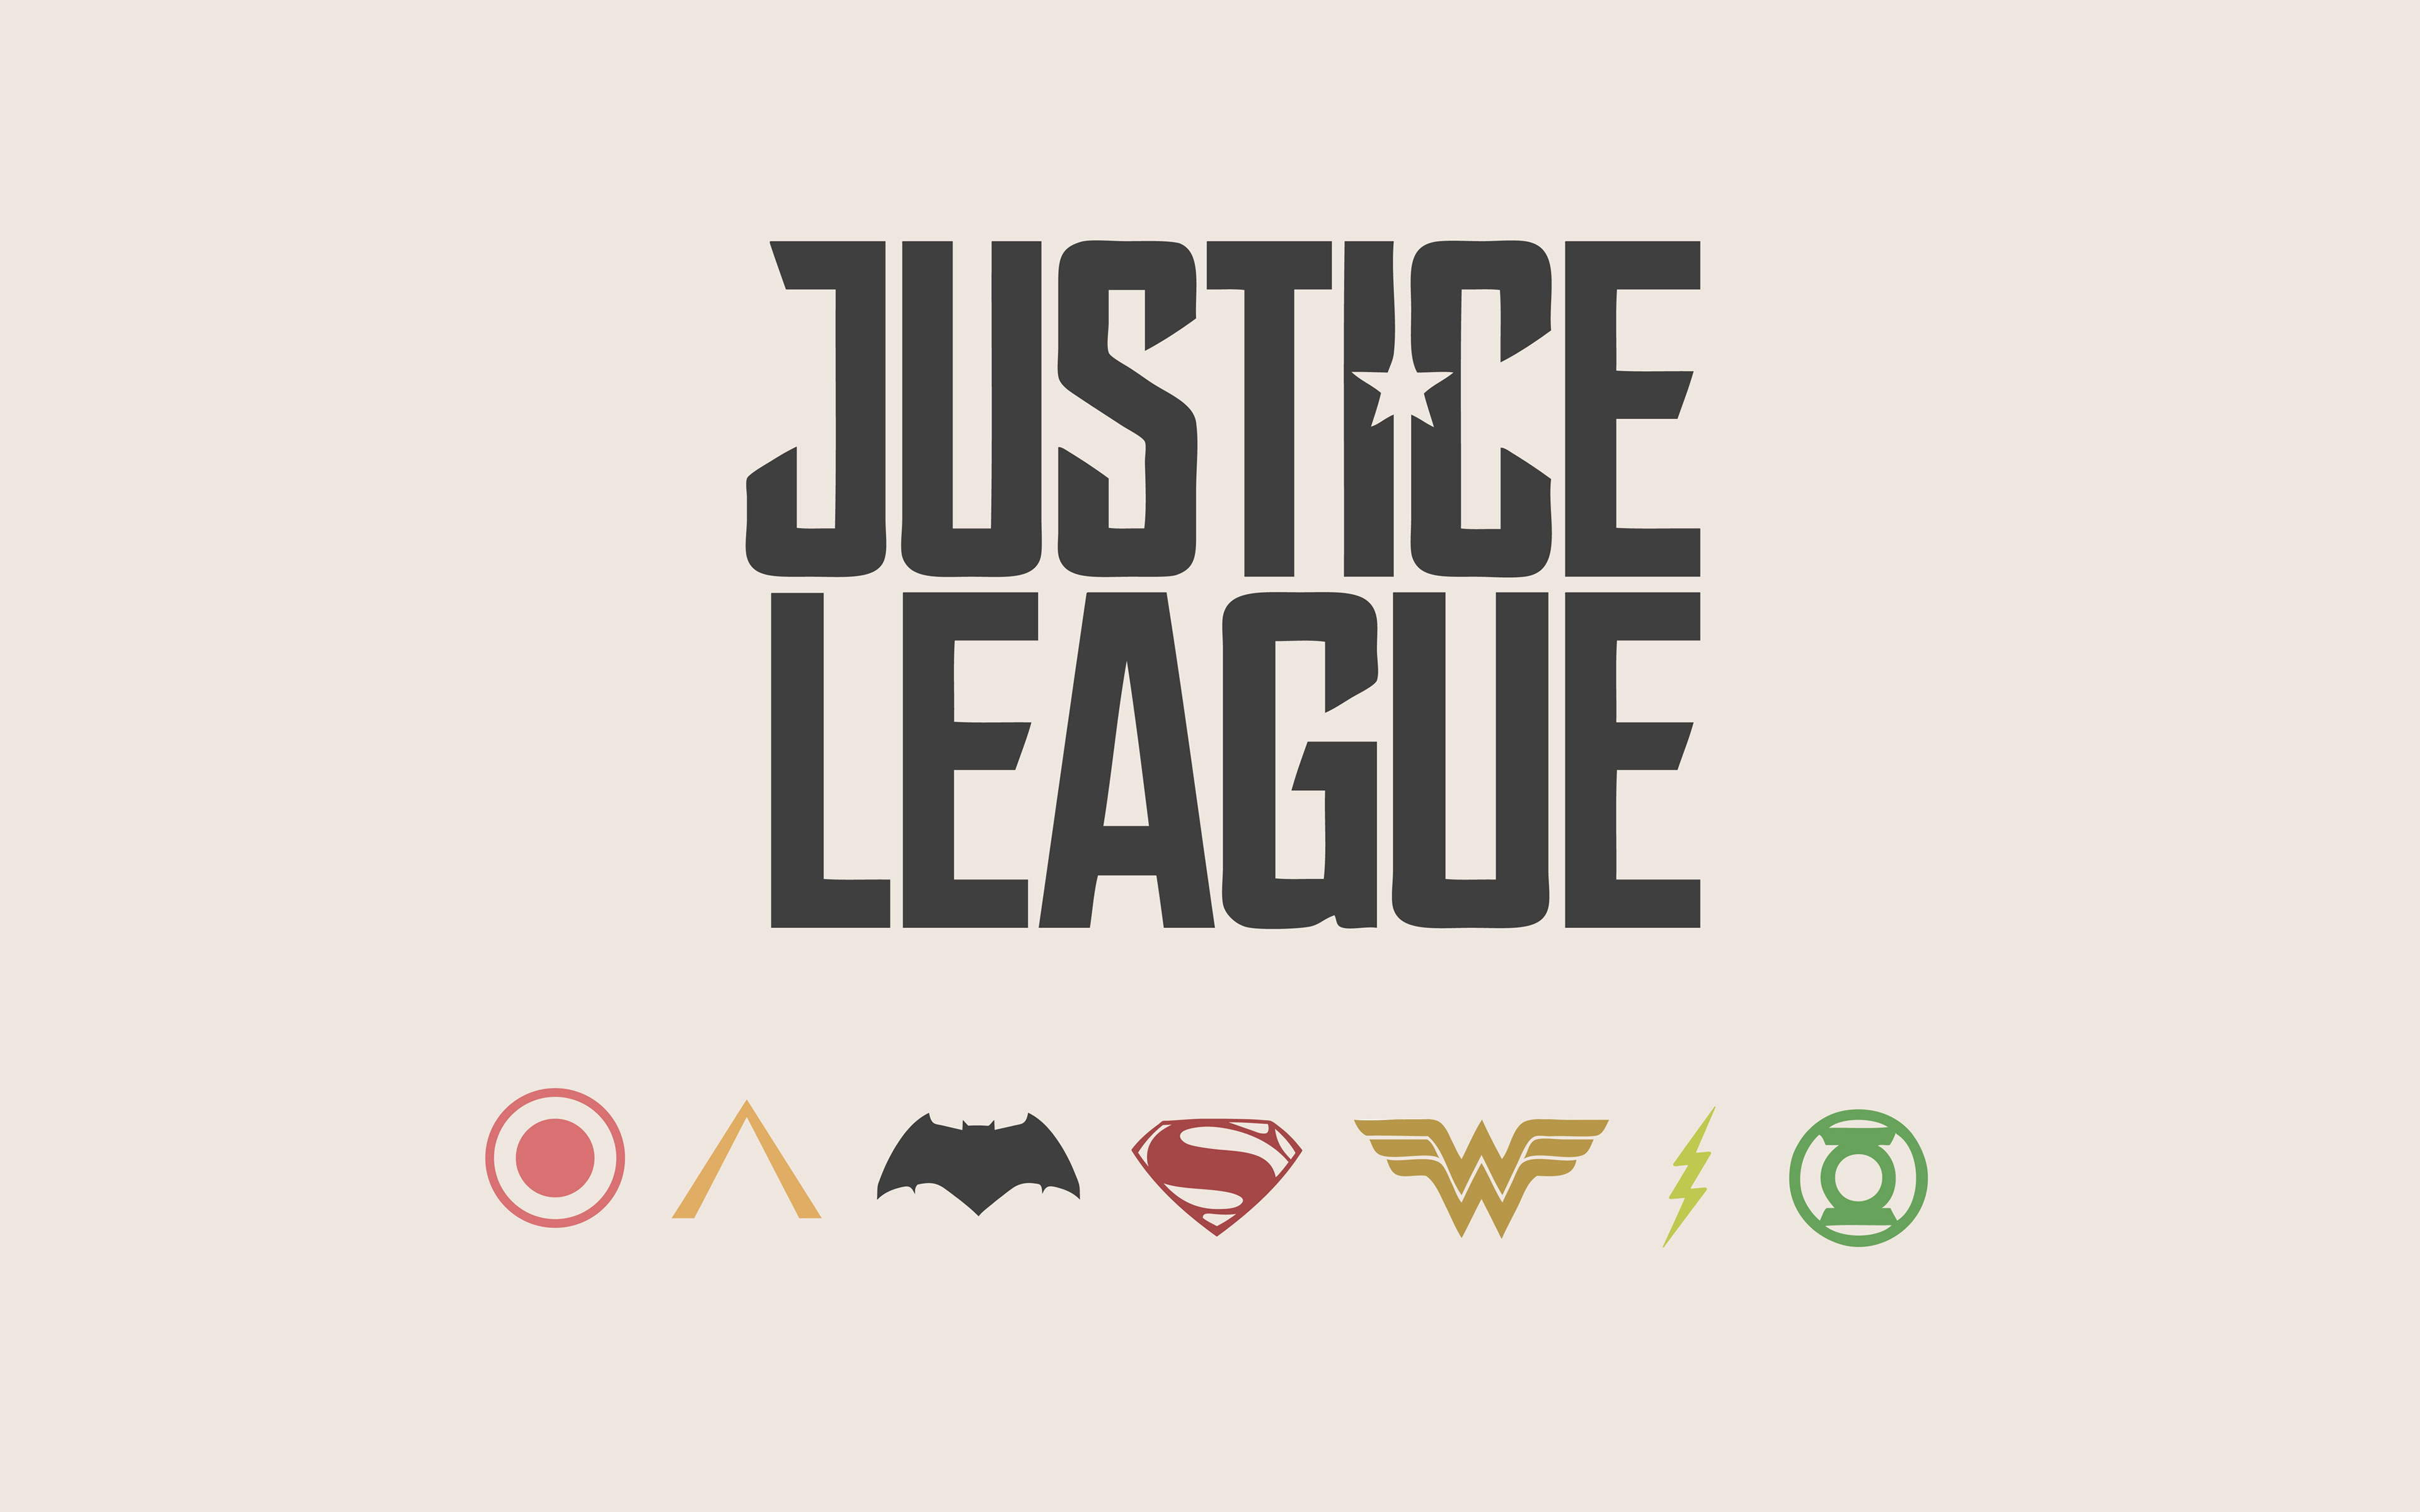 Top Wallpaper Logo Justice League - justice-league-minimalism-logos-4k-y9  Graphic_38549.jpg